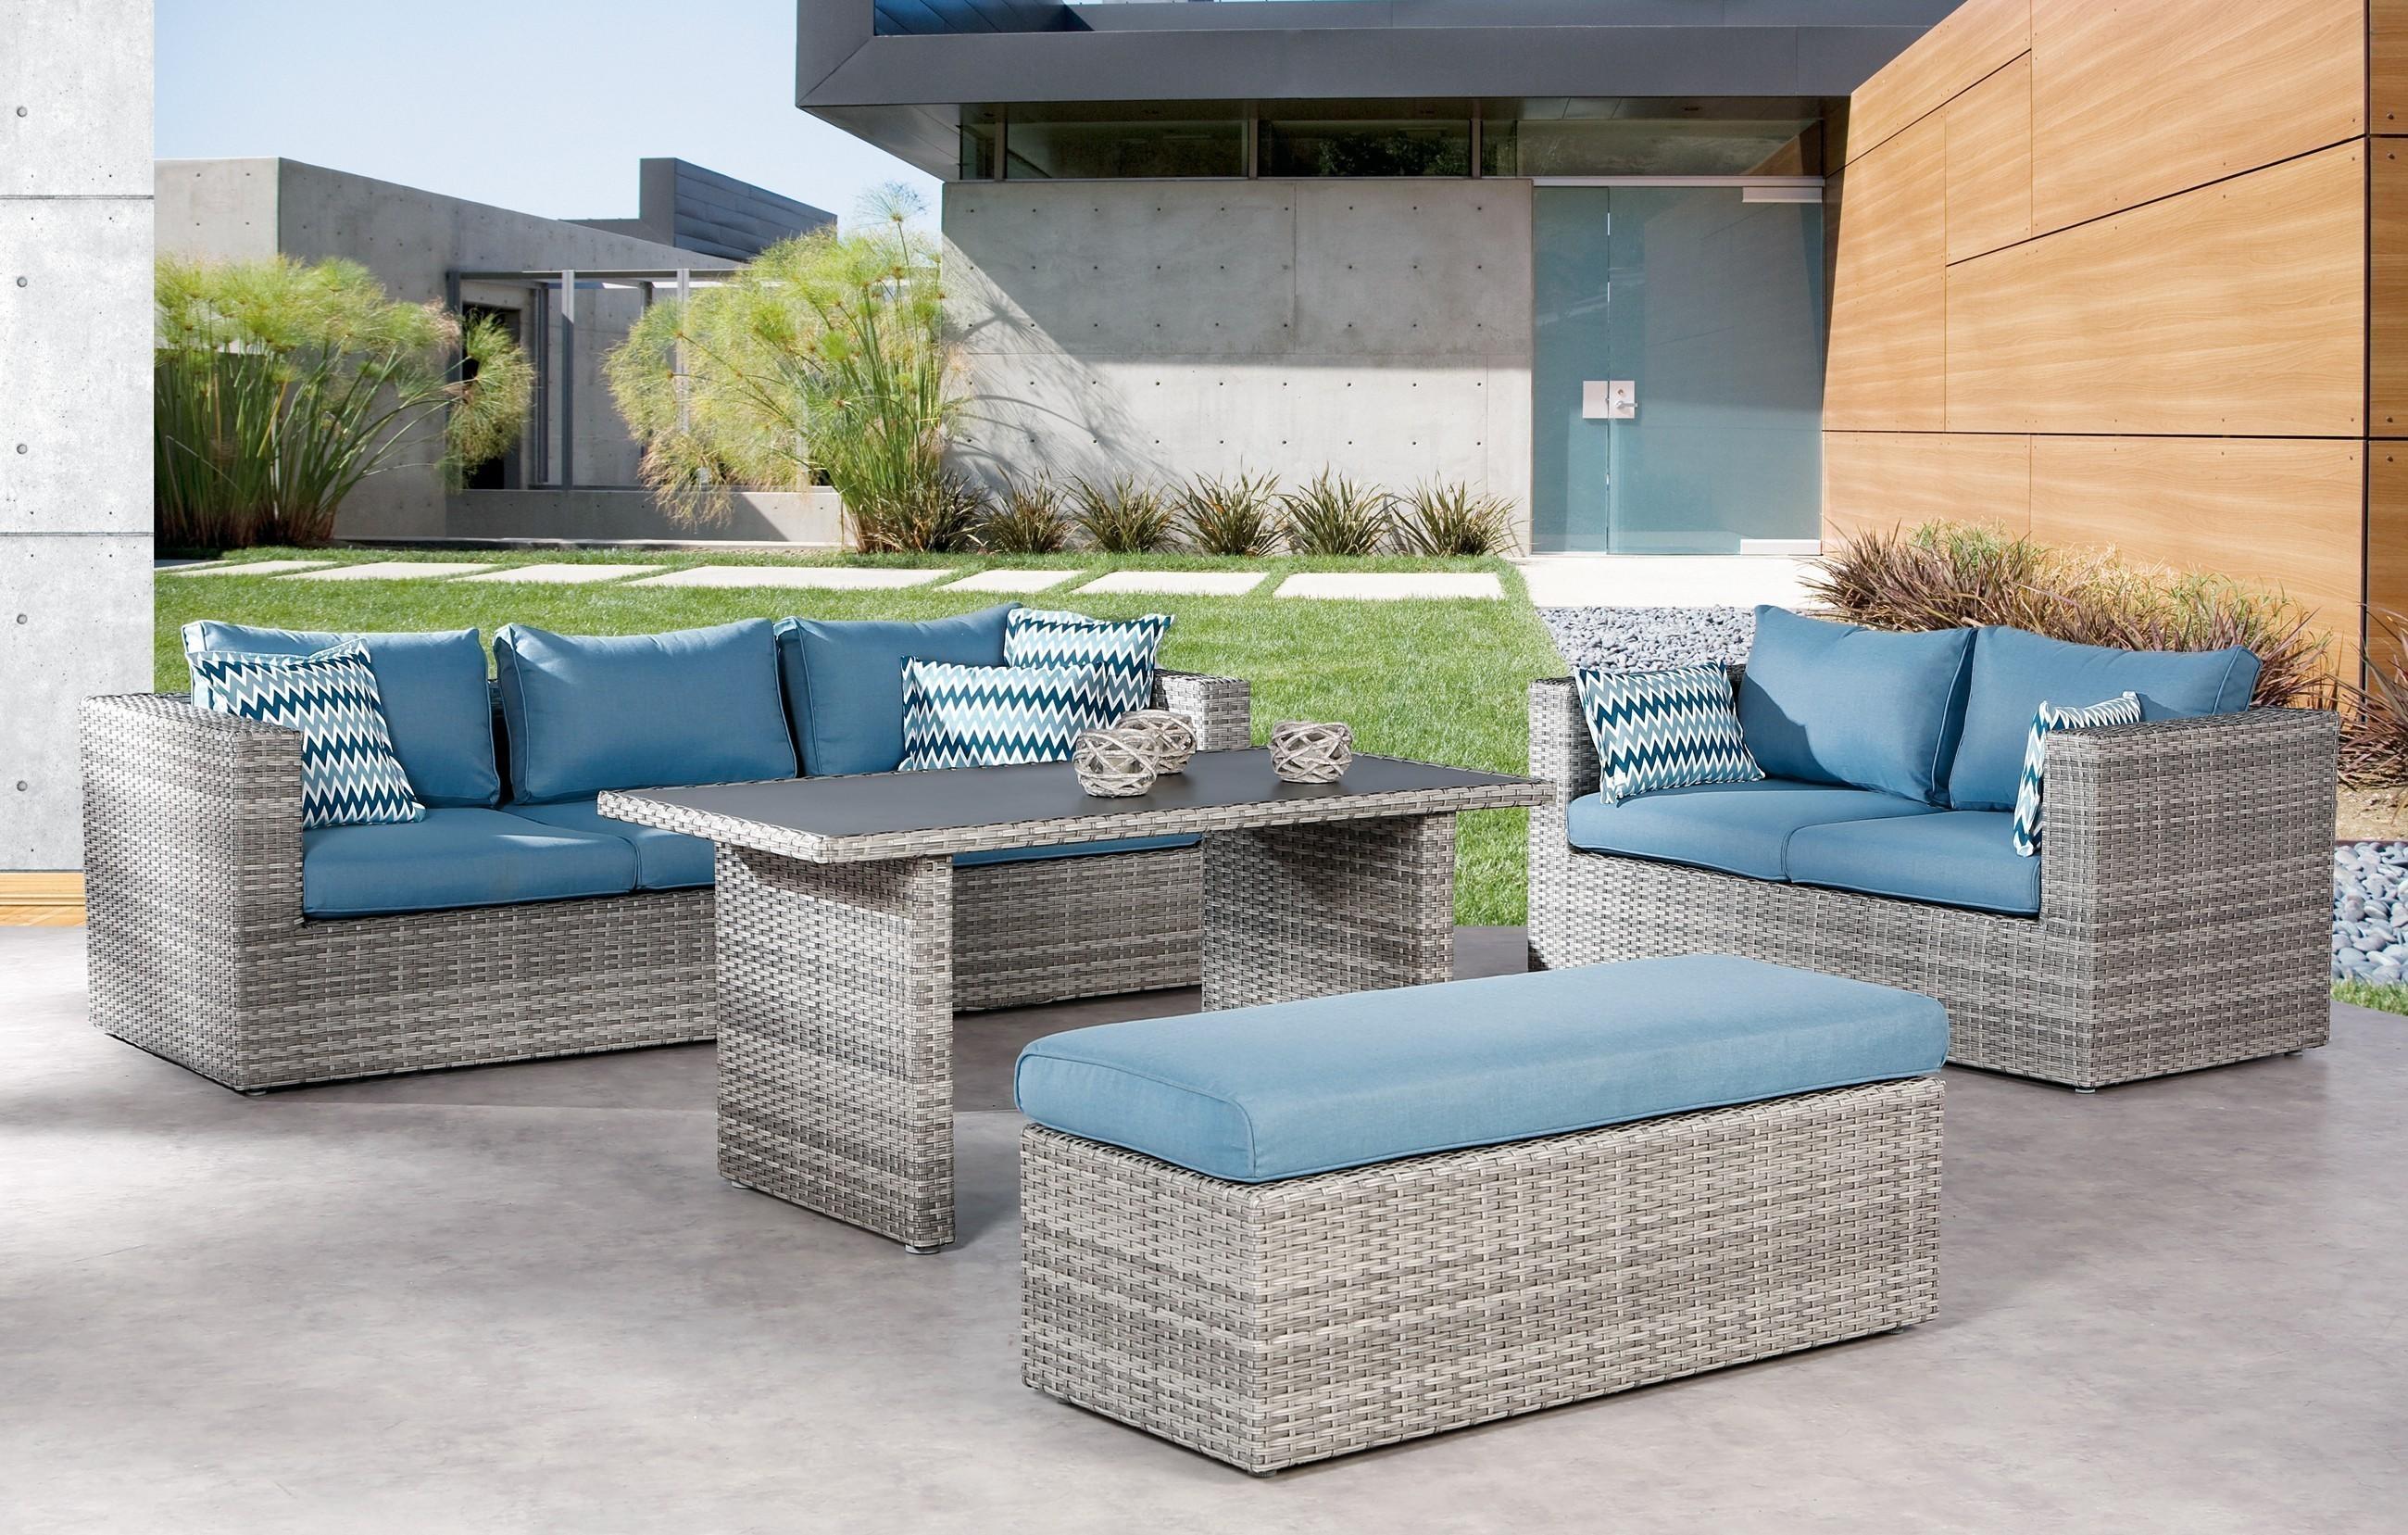 Gartenm bel lounge m bel set curacao best polyrattan grau blau bei - Polyrattan gartenmobel grau ...